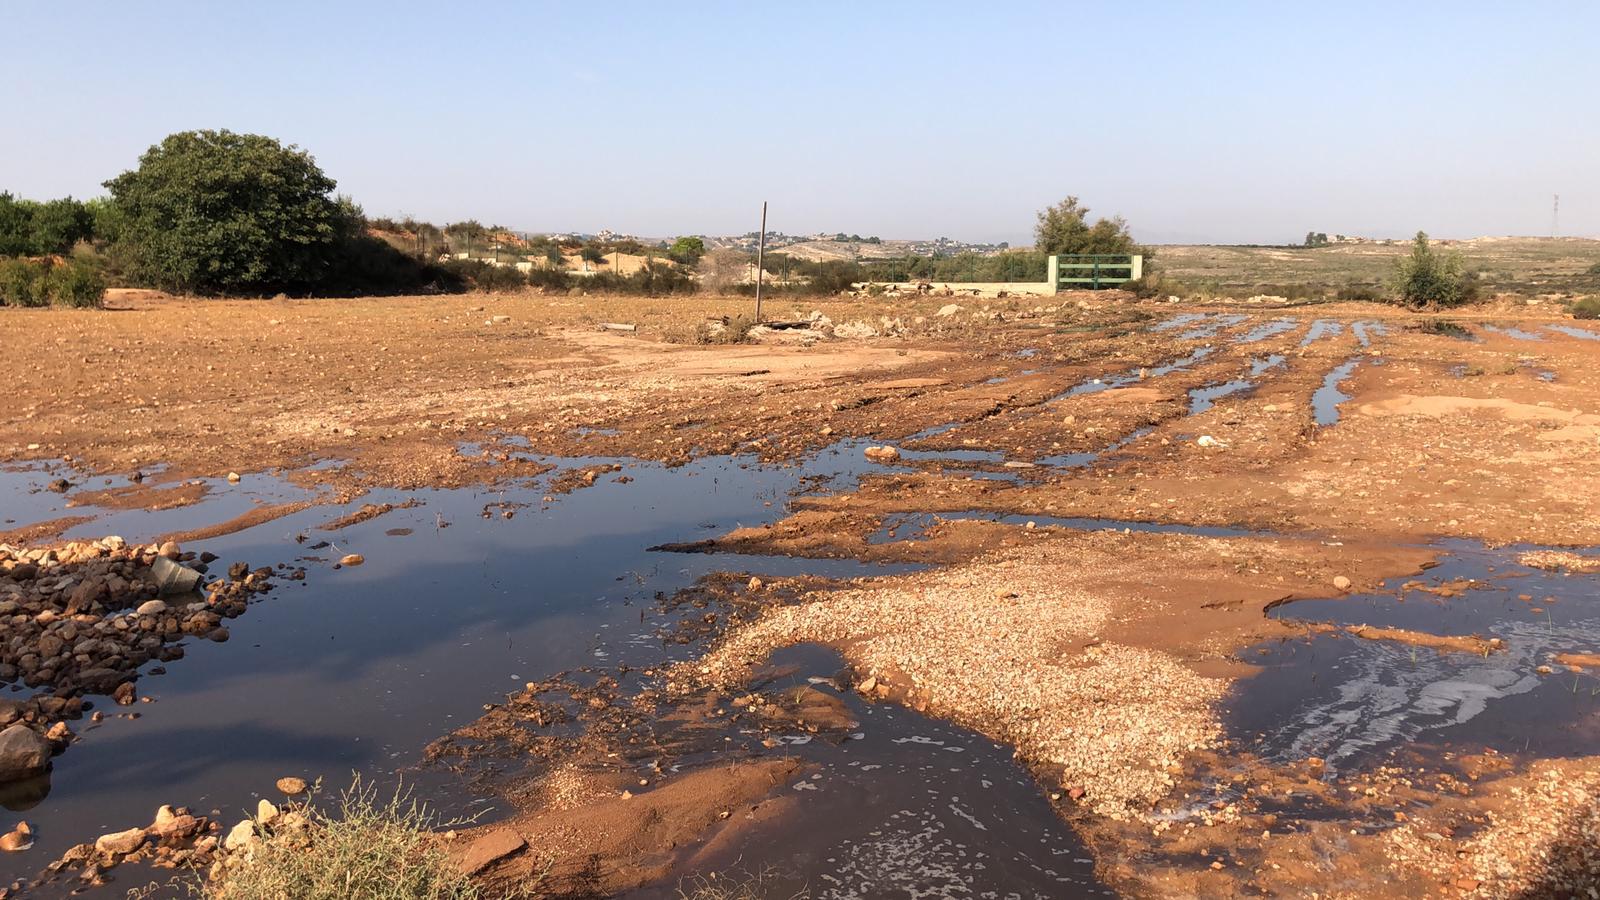 Los ecologistas denuncian el vertido de purines al pantano de Santomera